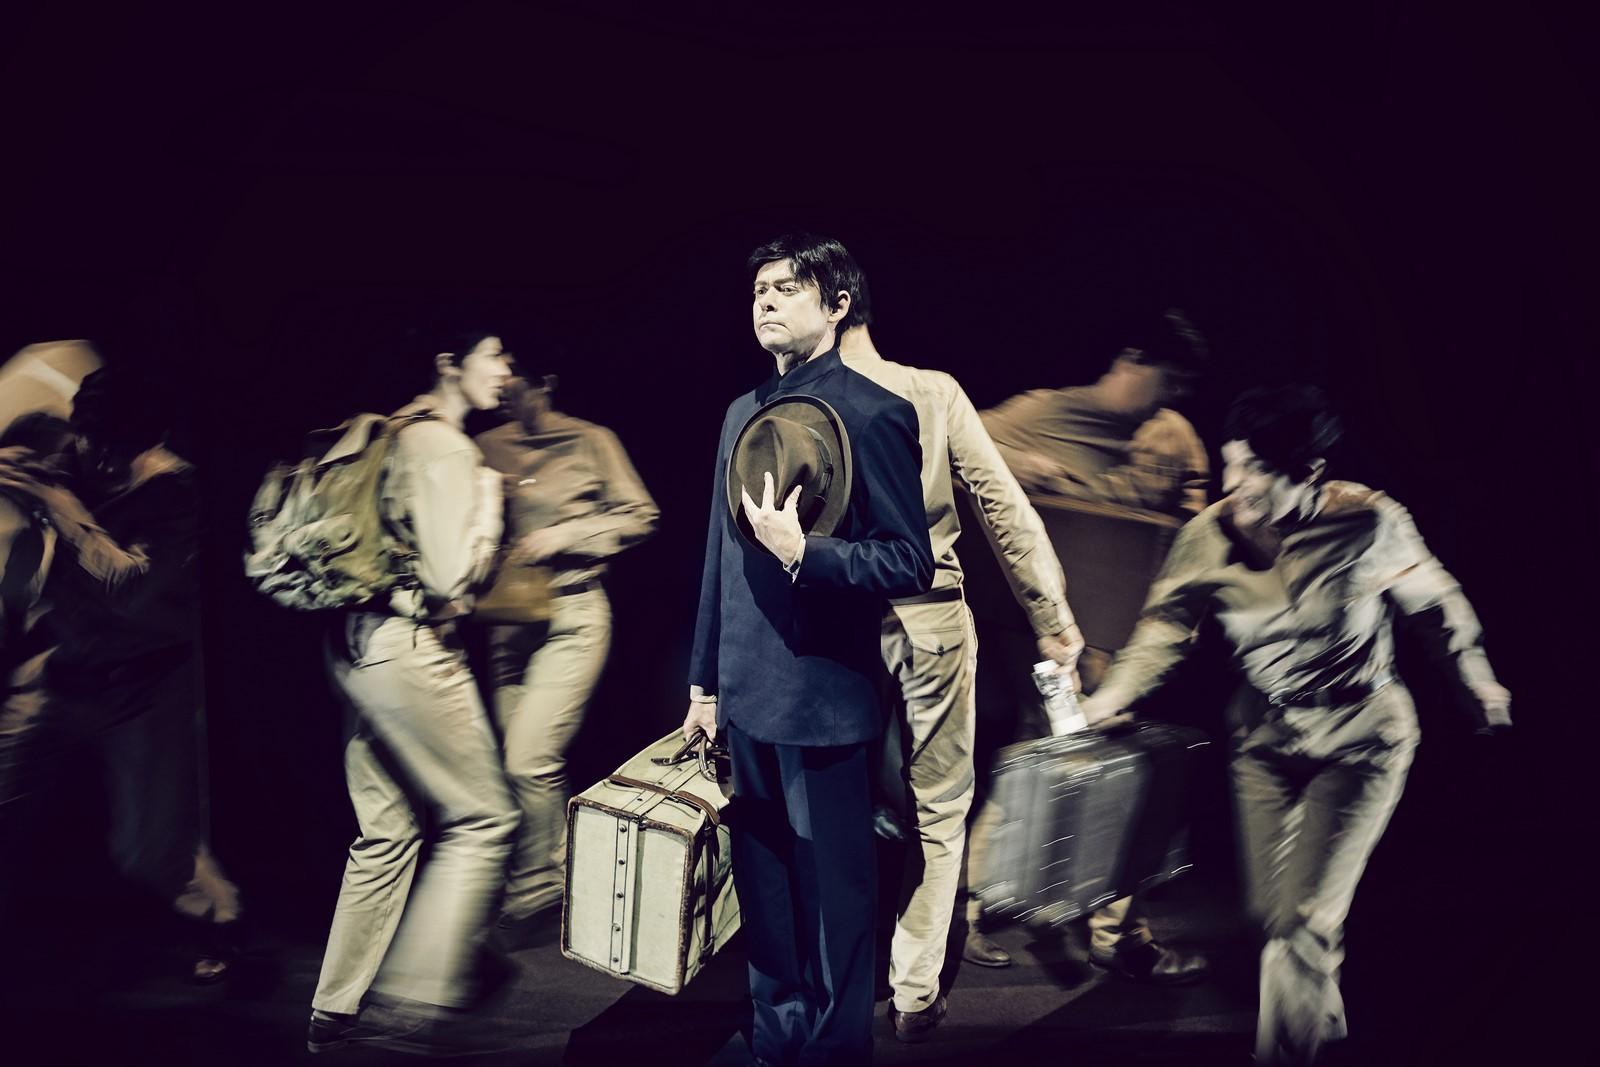 Anmeldelse: Forårsrullen, Odense Teater